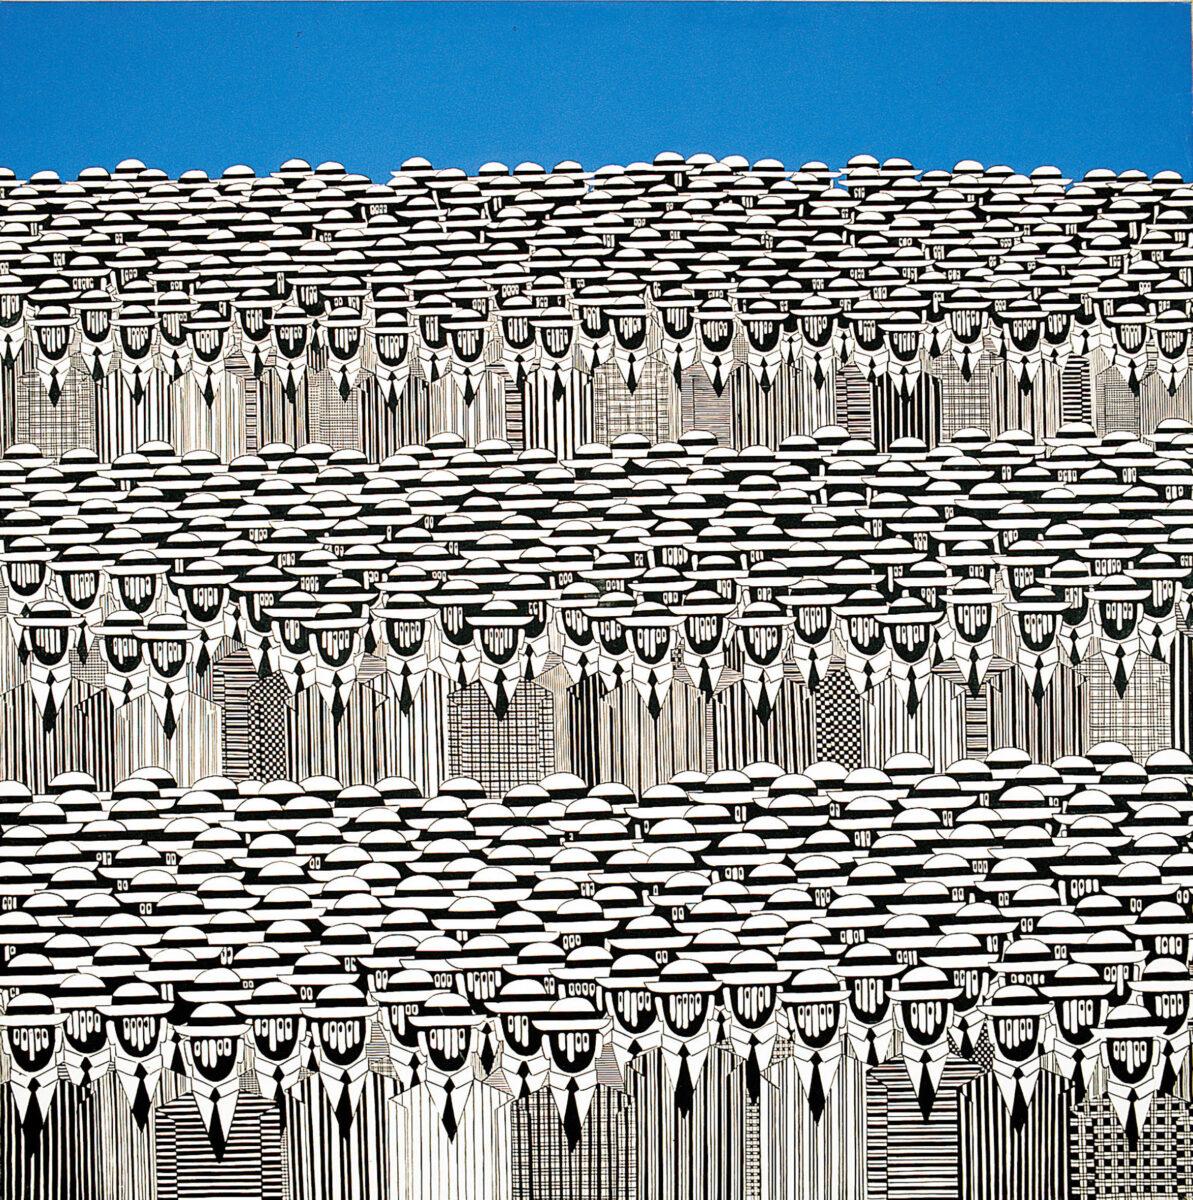 Γιάννης Γαΐτης, «Ανθρώπινο Τοπίο». Φωτ.: Δημοτική Πινακοθήκη Λάρισας - Μουσείο Γ.Ι. Κατσίγρα.